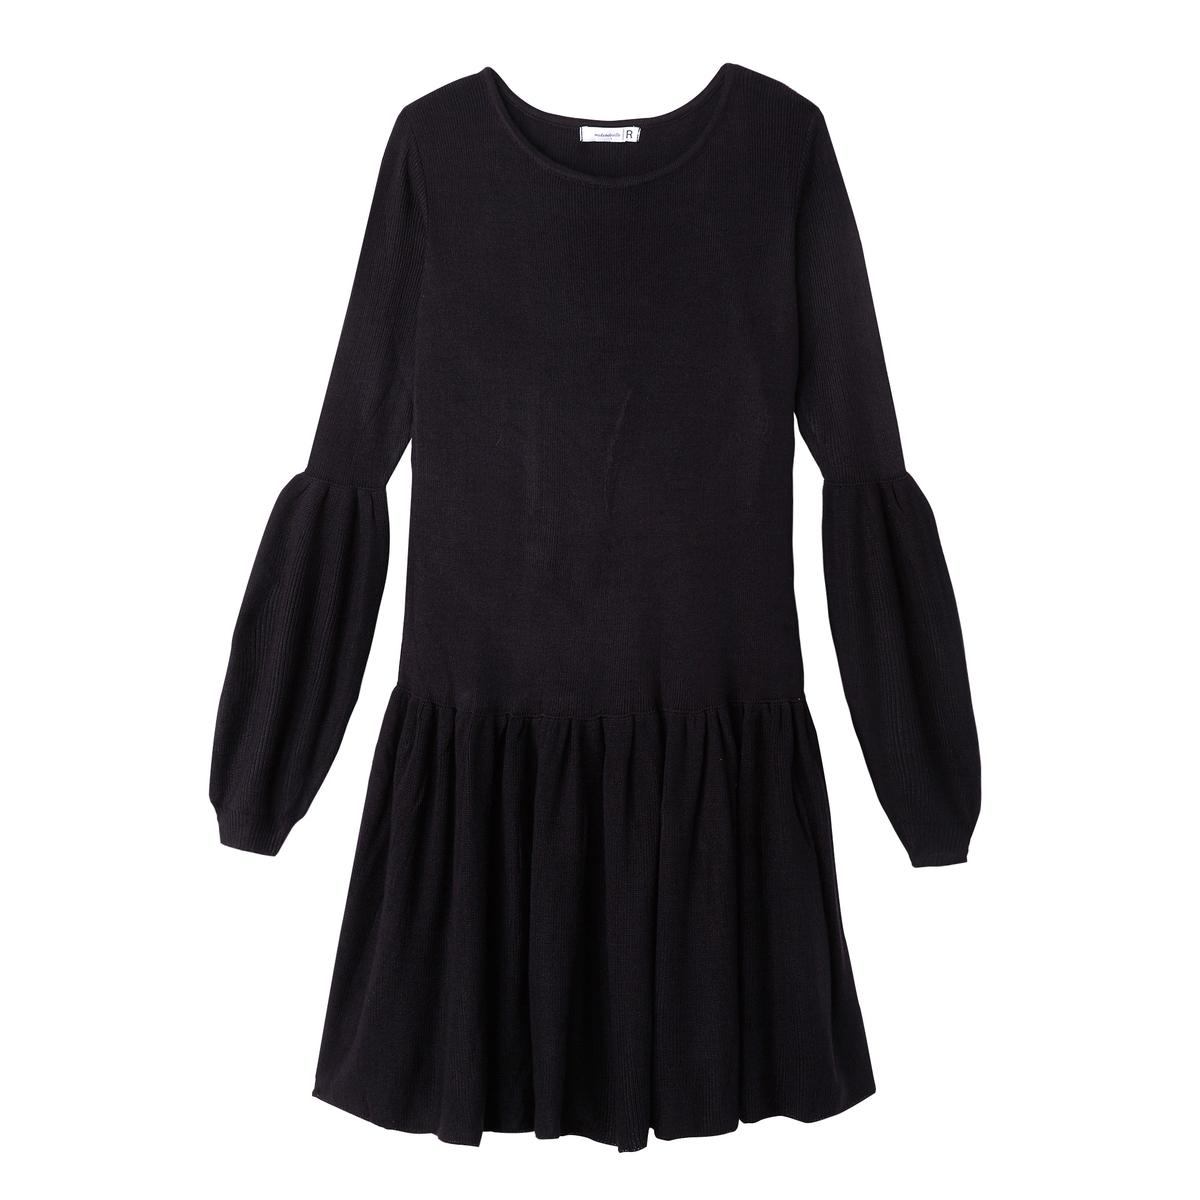 Платье-пуловер La Redoute Однотонное с баской и рукавами с напуском S синий шорты la redoute плавательные с принтом джунгли мес года 18 мес 81 см синий